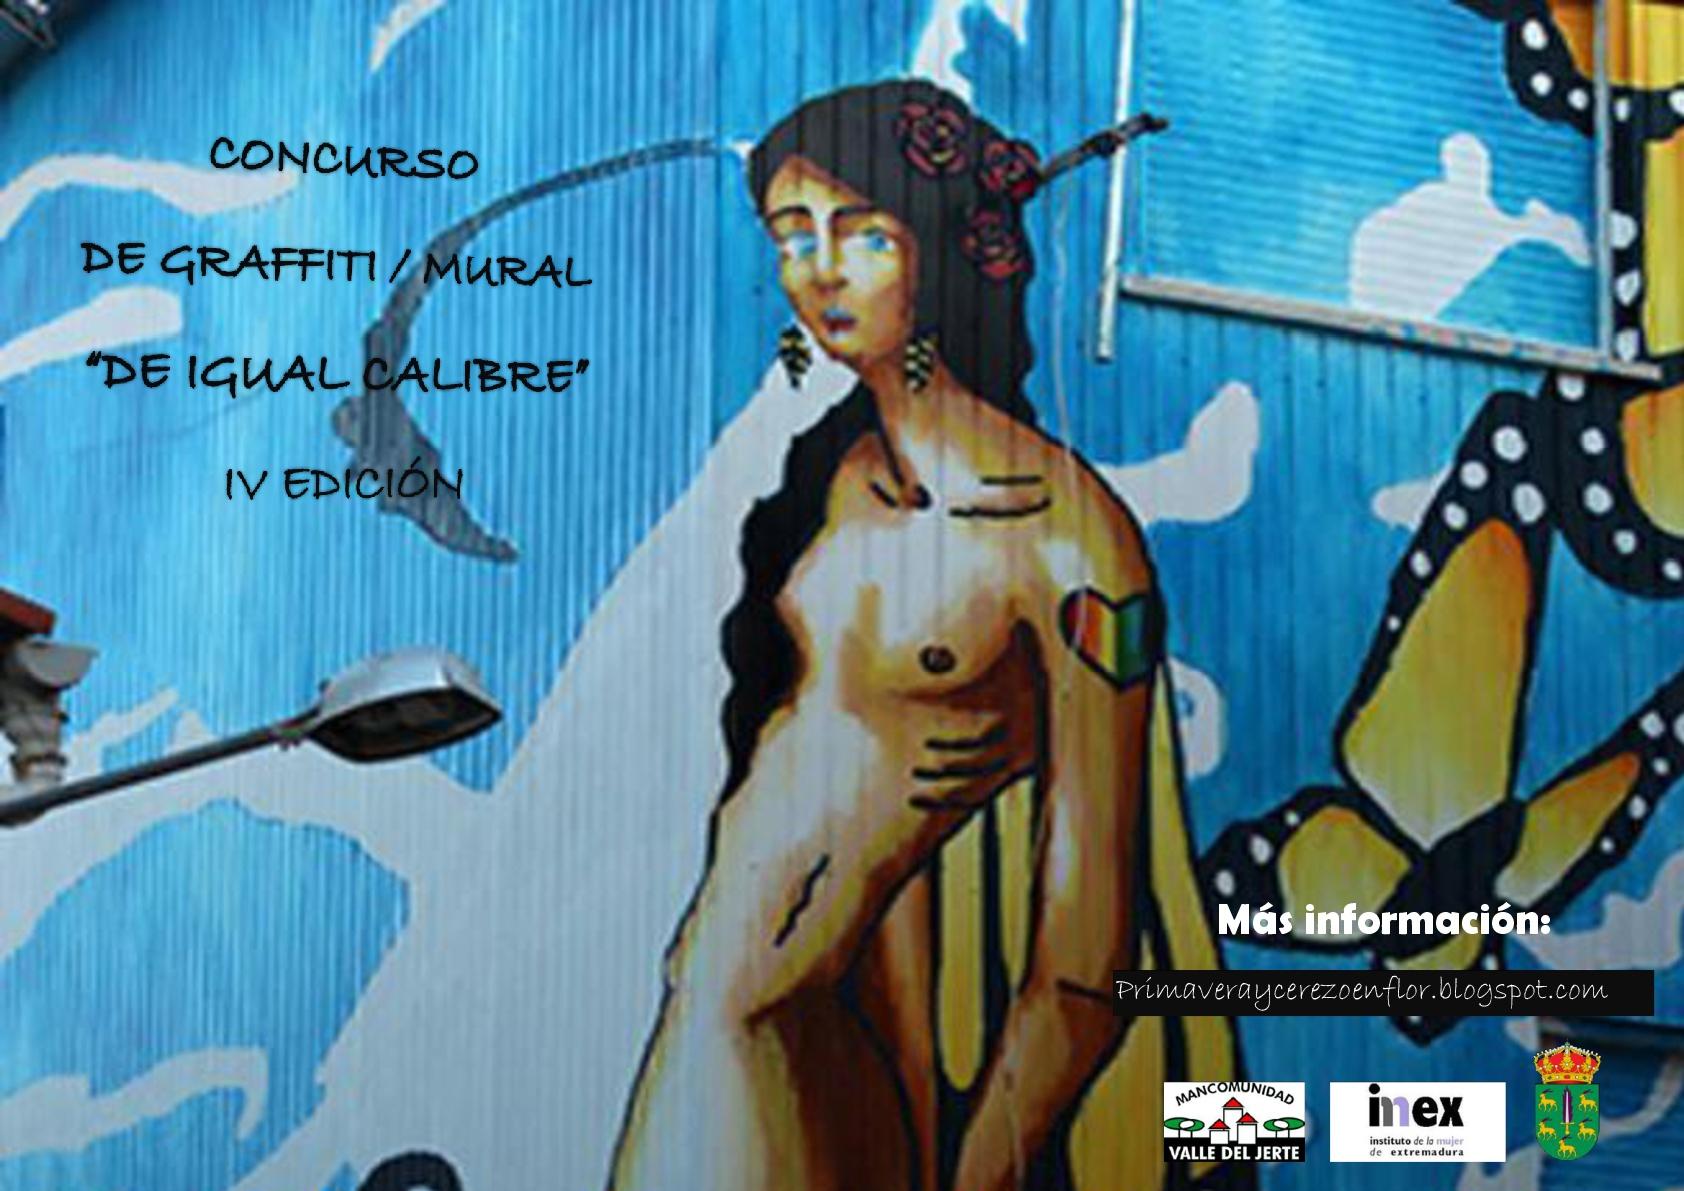 Bases-concurso-graffiti-2018 - CARTEL